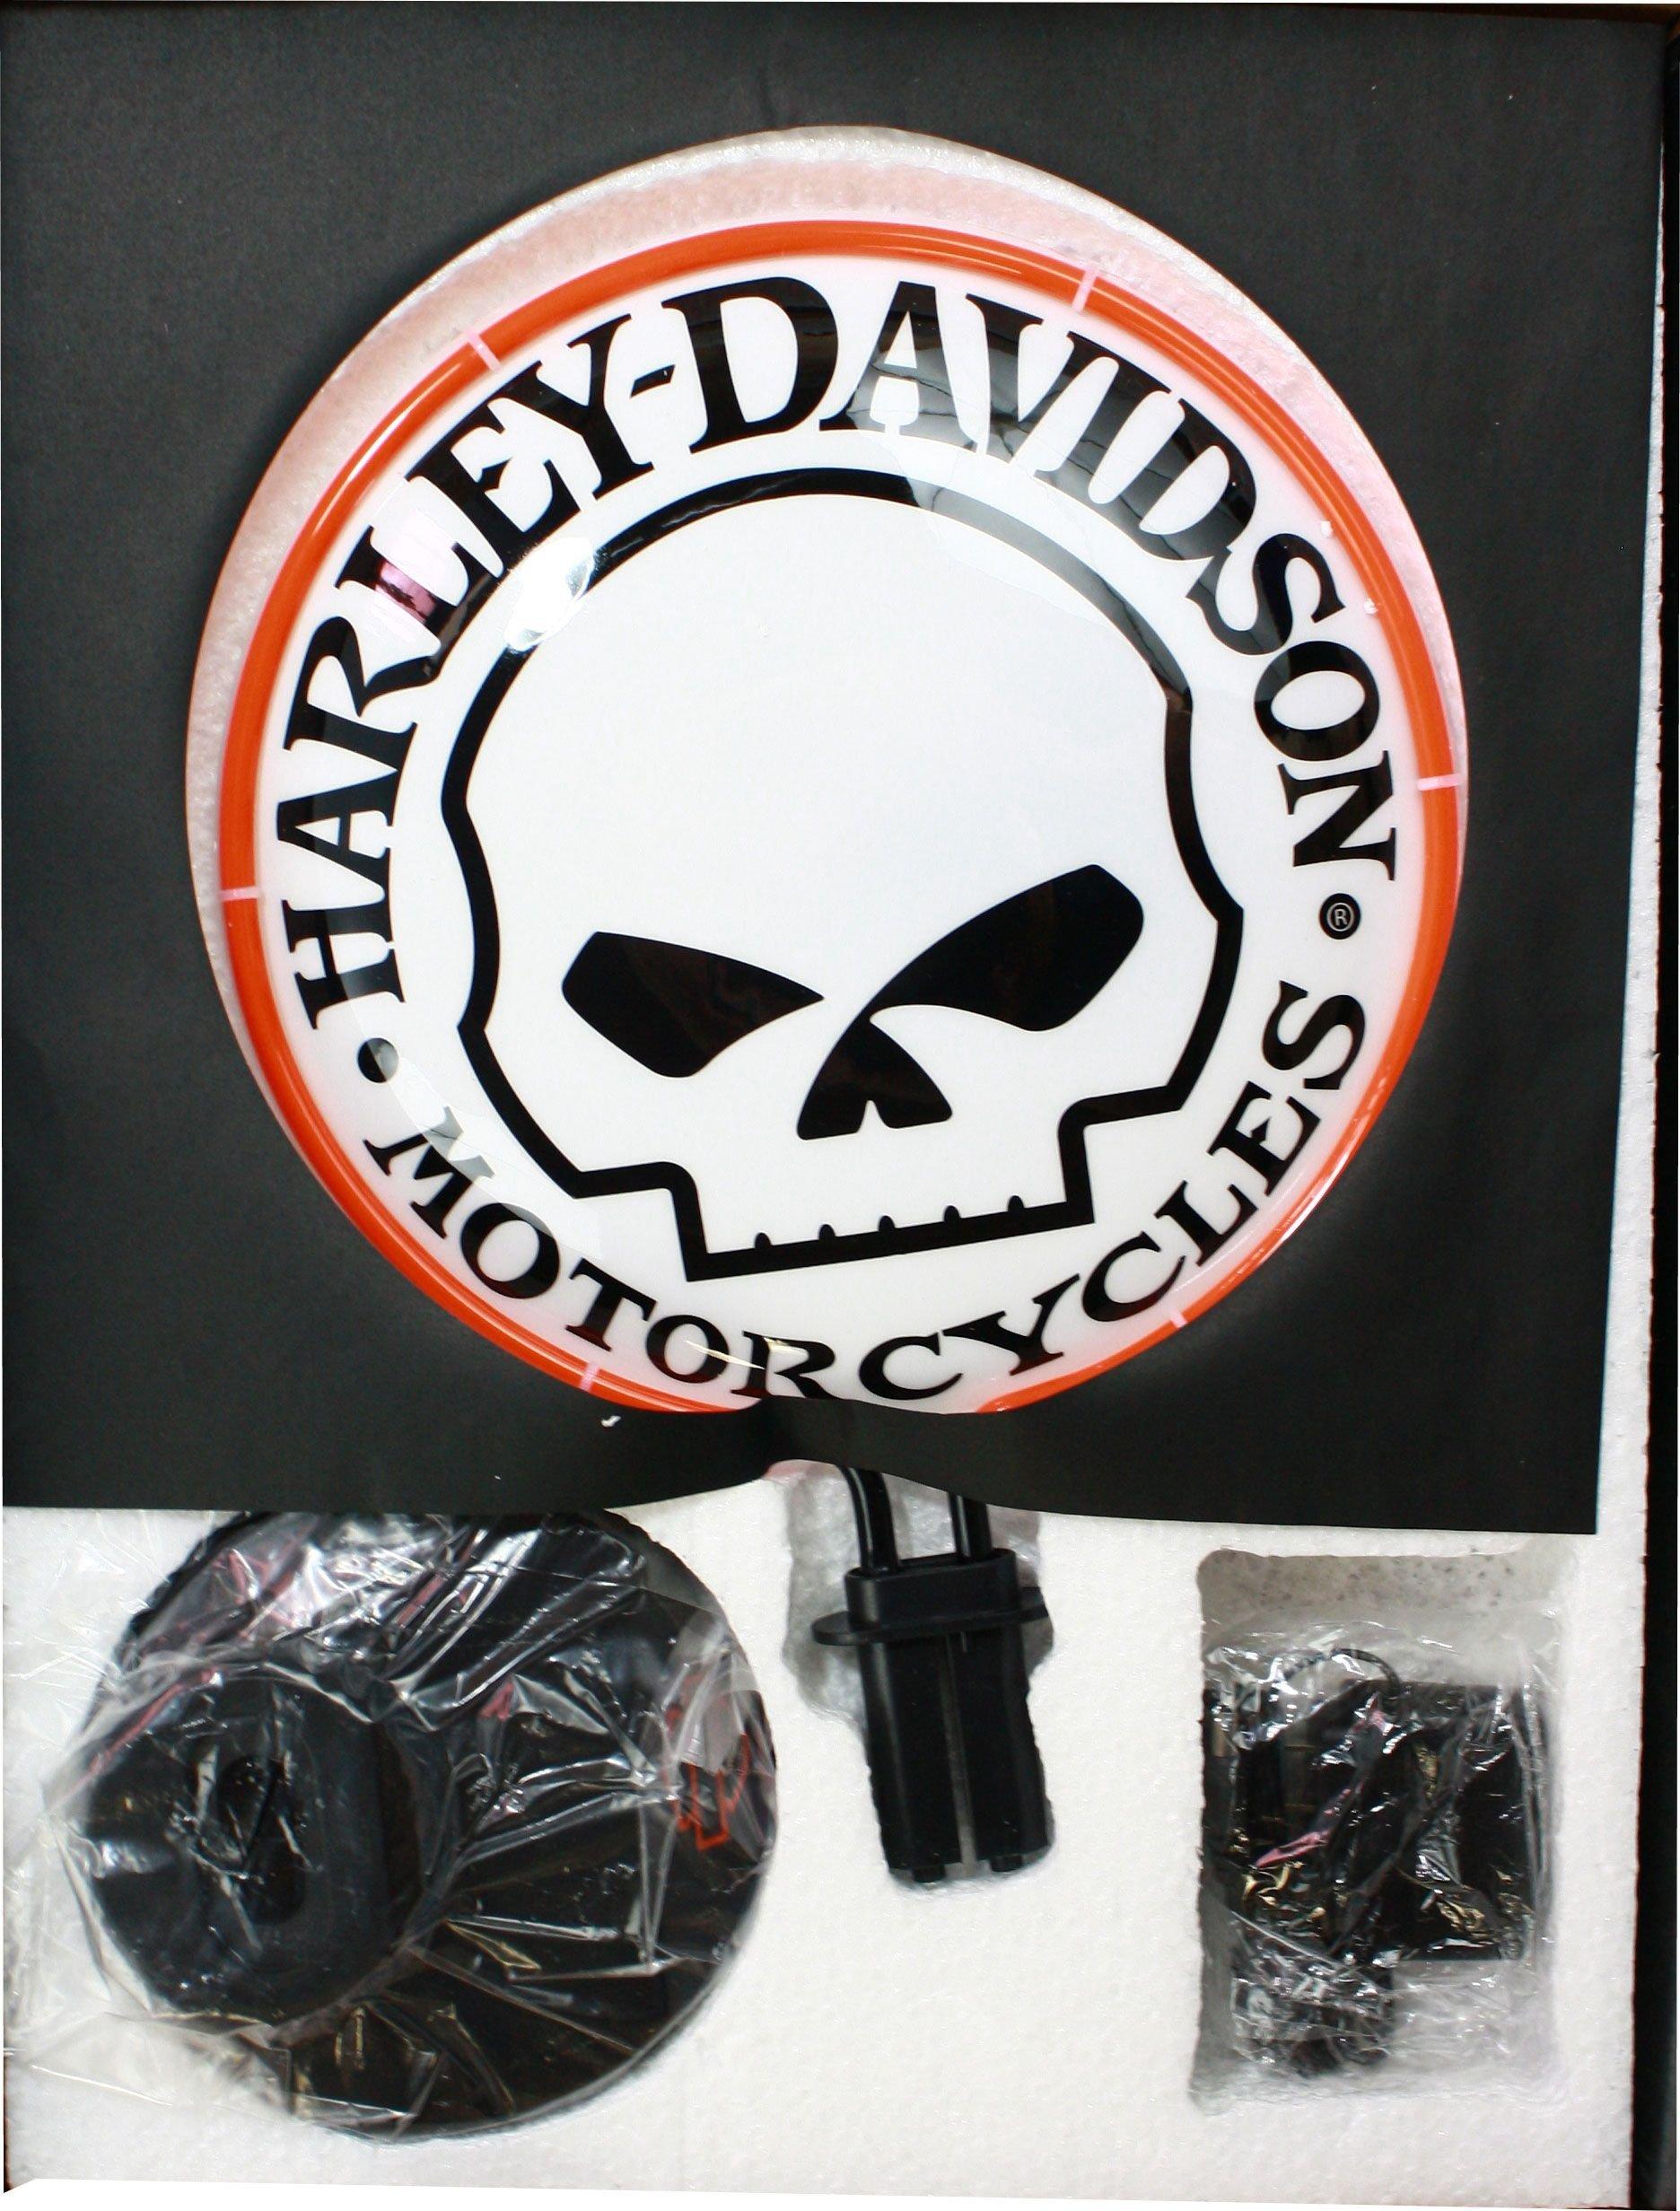 Harley-Davidson Willie G Neon Lights